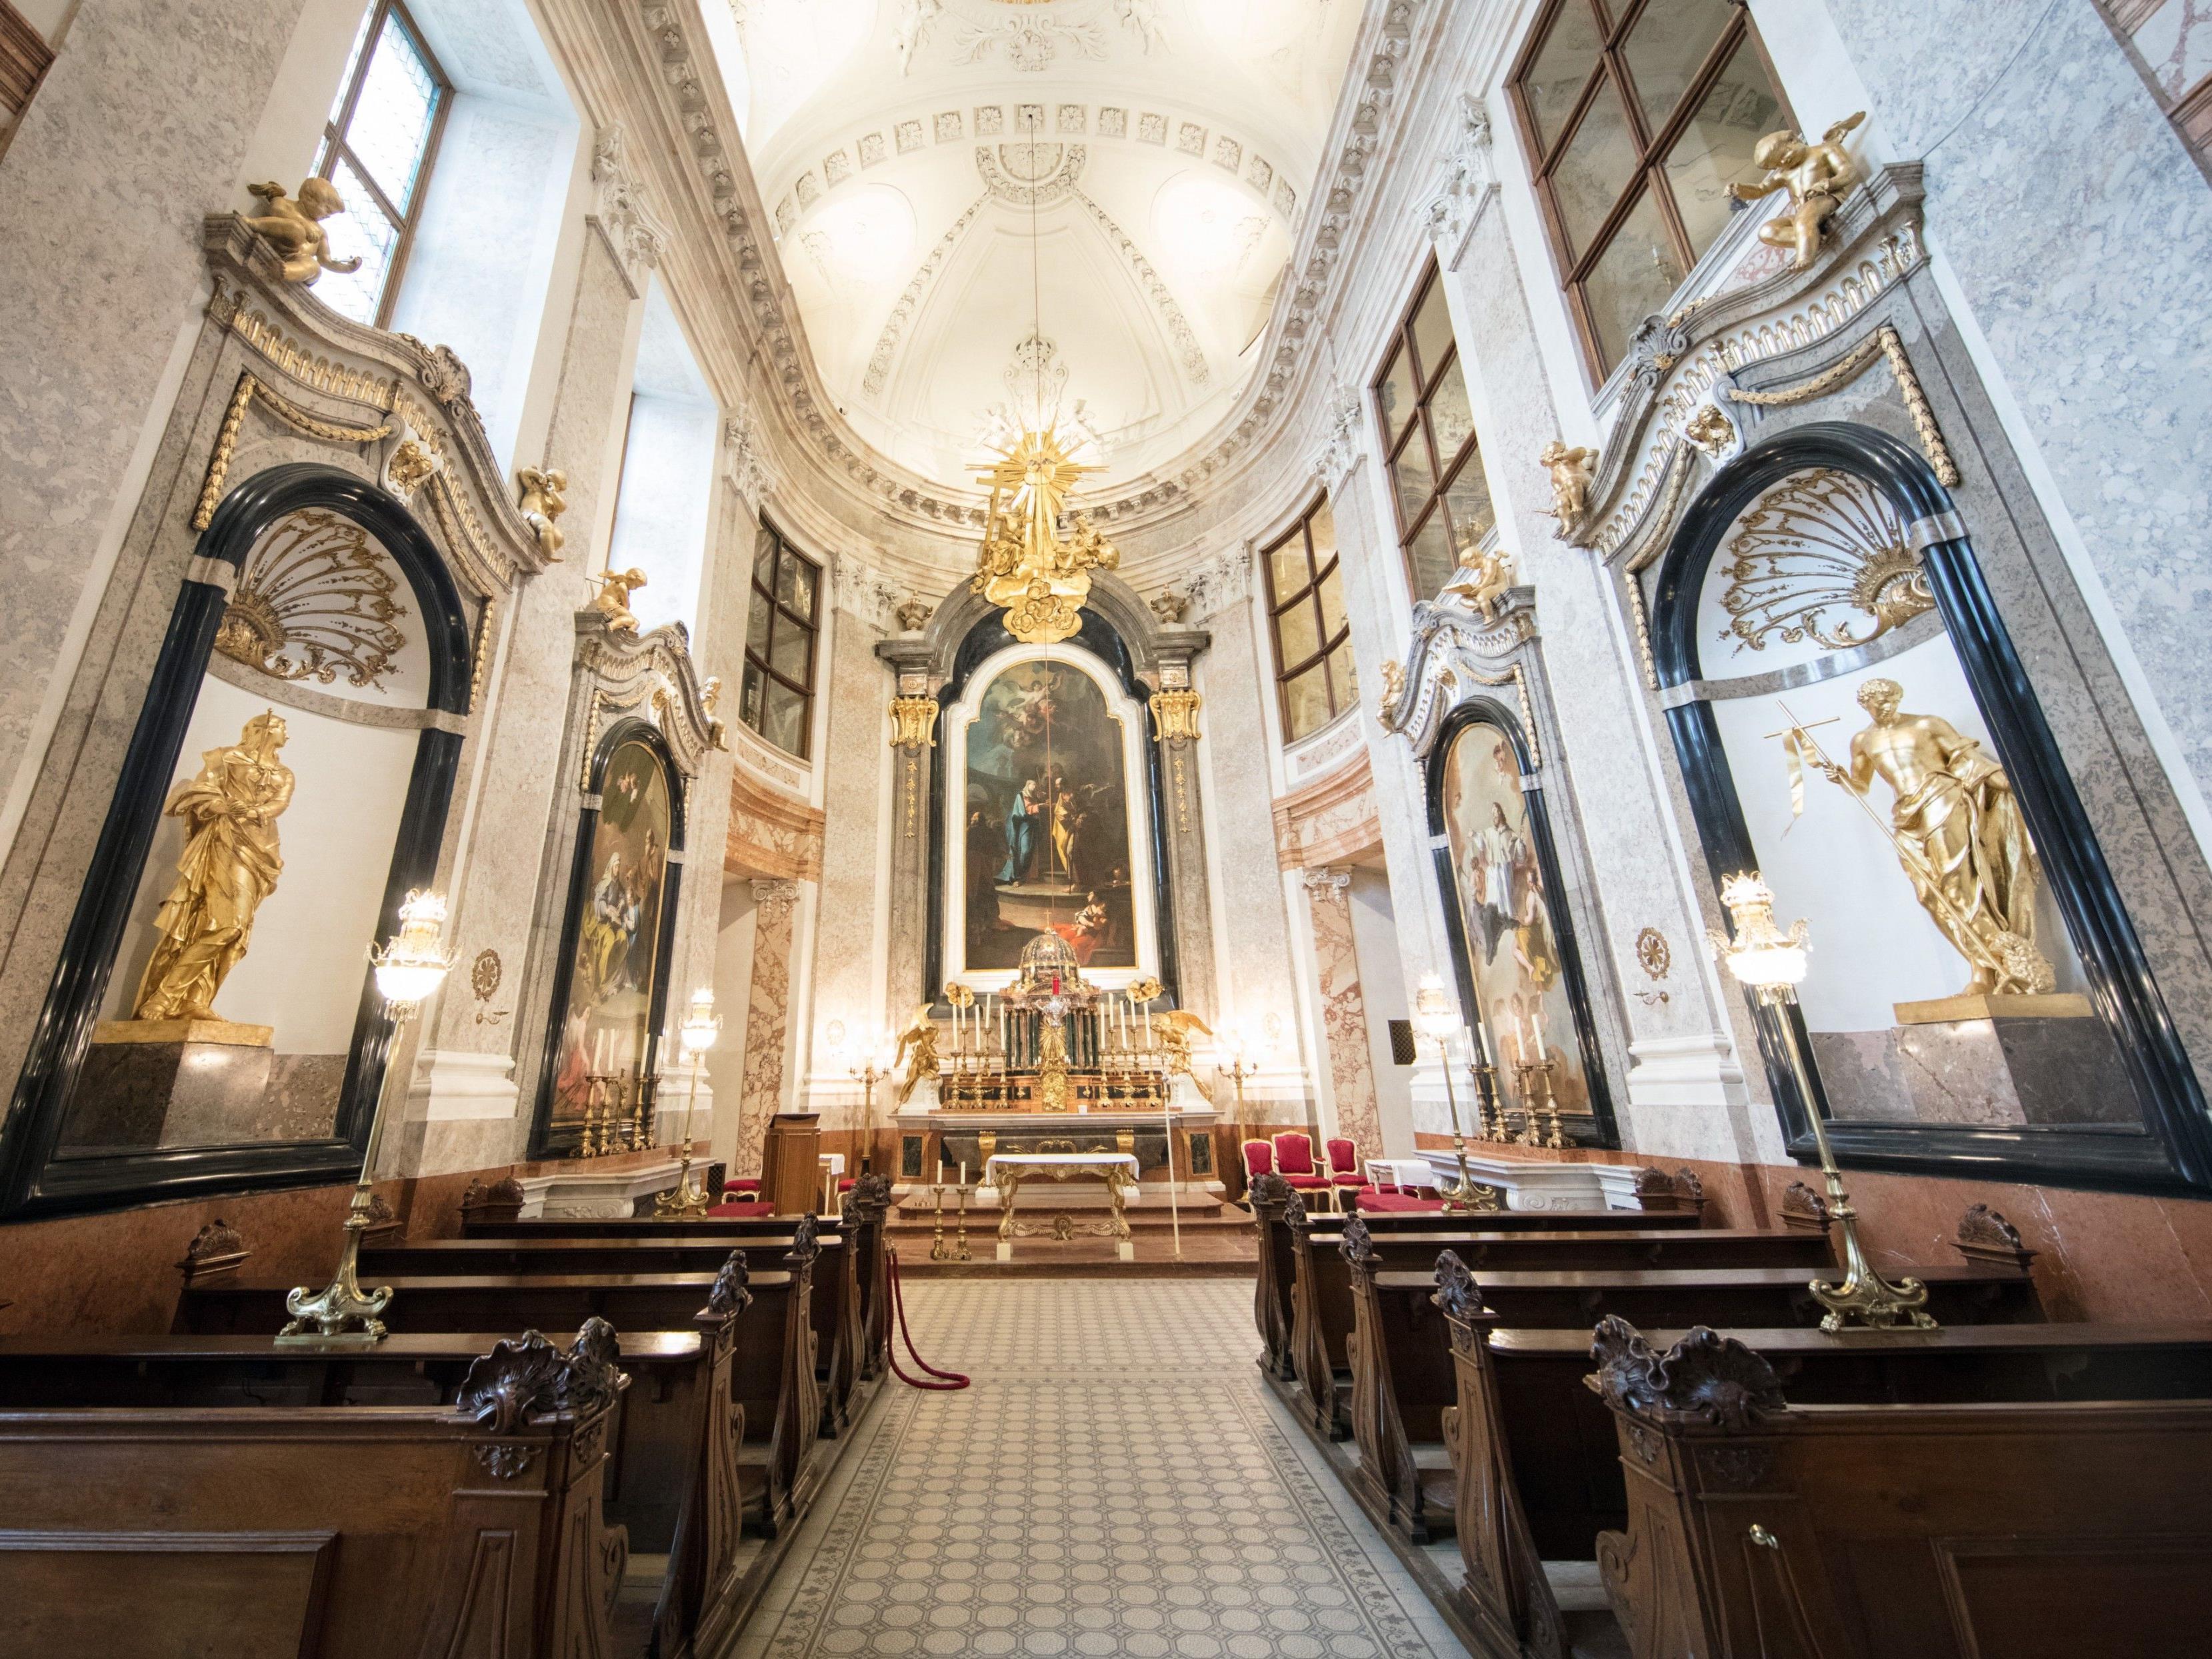 So sieht die neue restaurierte Schlosskapelle Schönbrunn aus